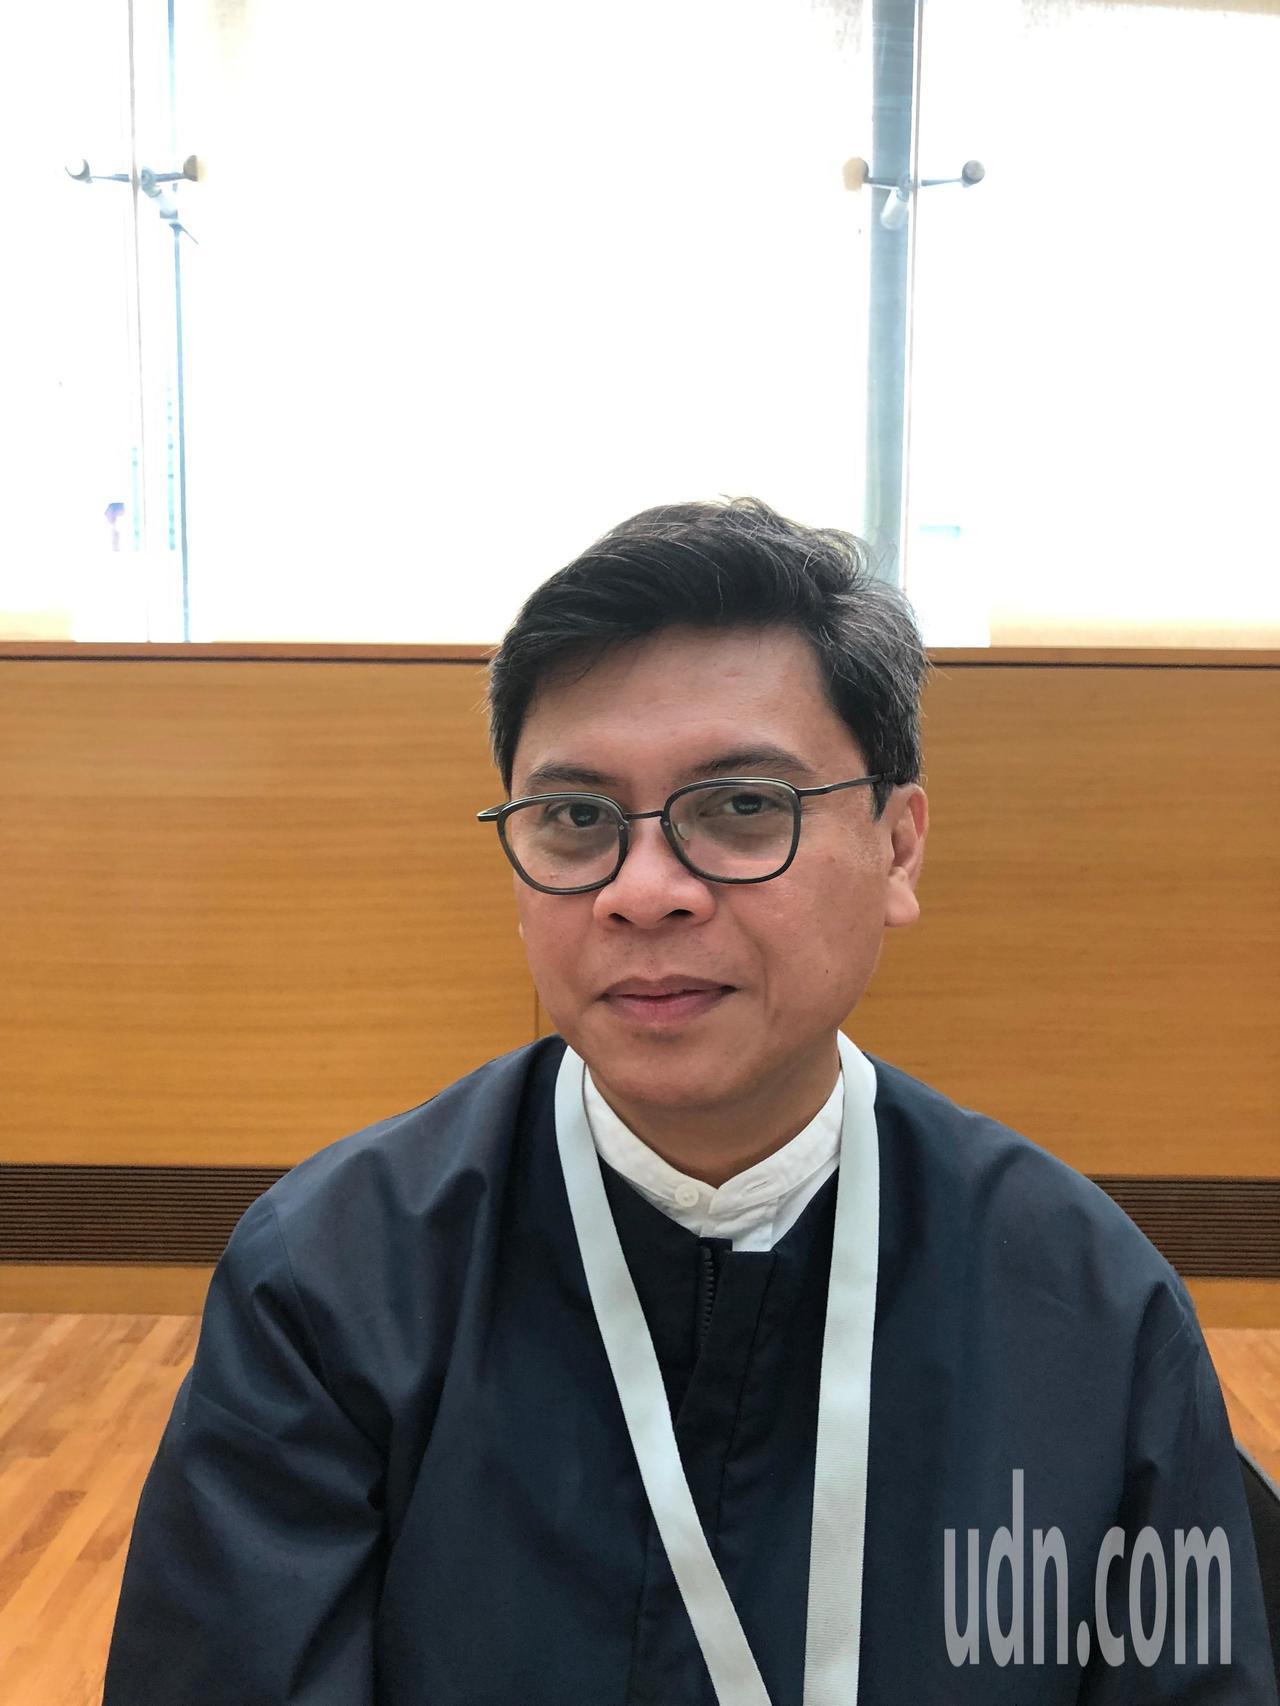 來自菲律賓的新加坡雙年展藝術總監派翠克・弗洛斯(Patrick Flores)。...